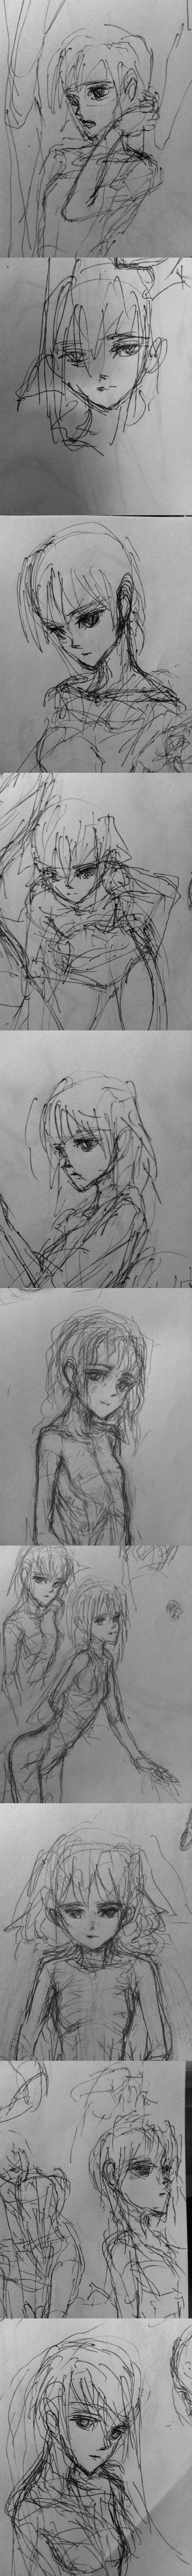 mon2014ボールペン画20140608